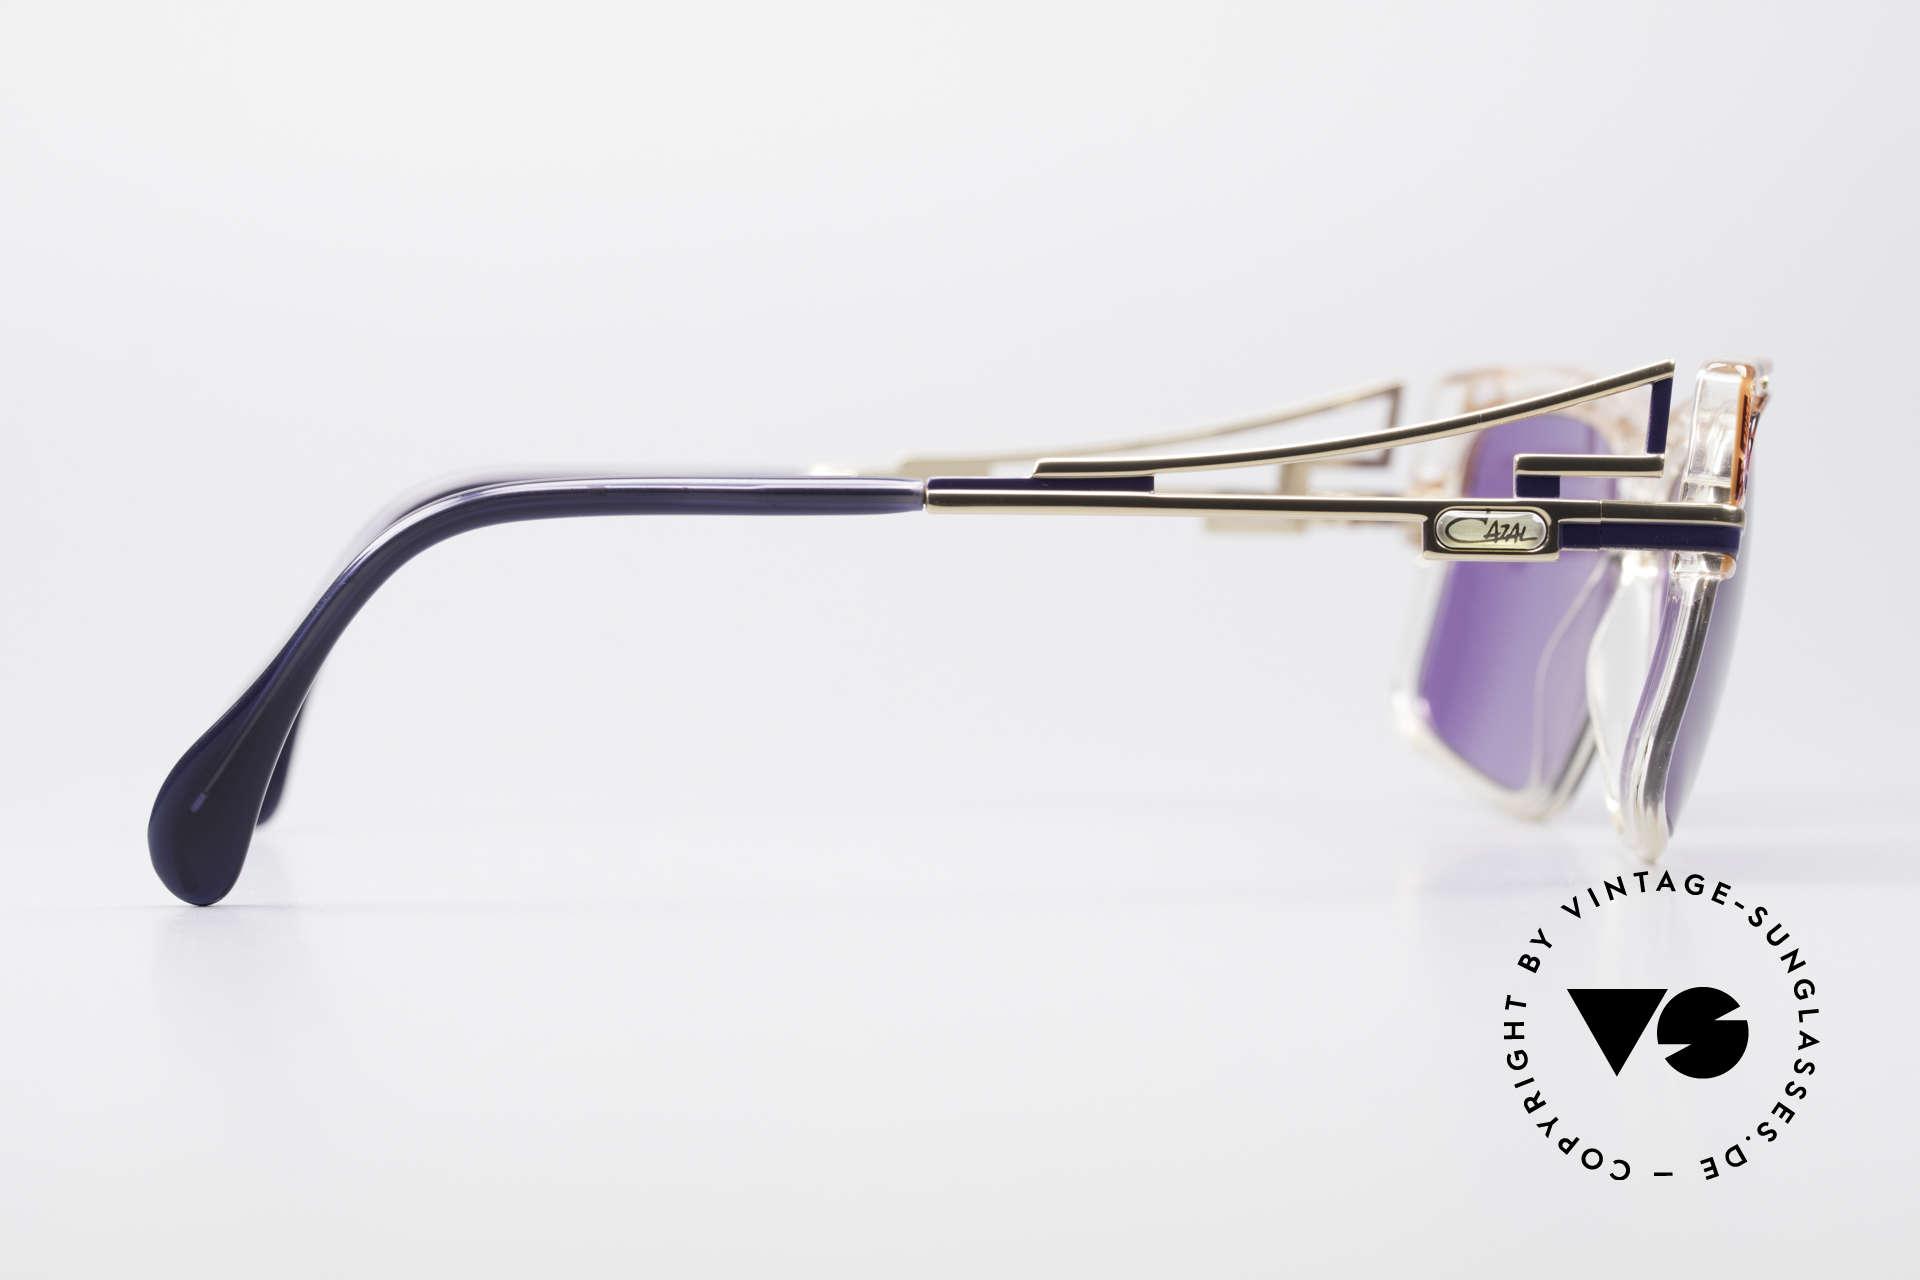 Cazal 365 No Retrobrille Echt Vintage 90er, KEINE Retrobrille, sondern ein echtes 90er Original, Passend für Herren und Damen